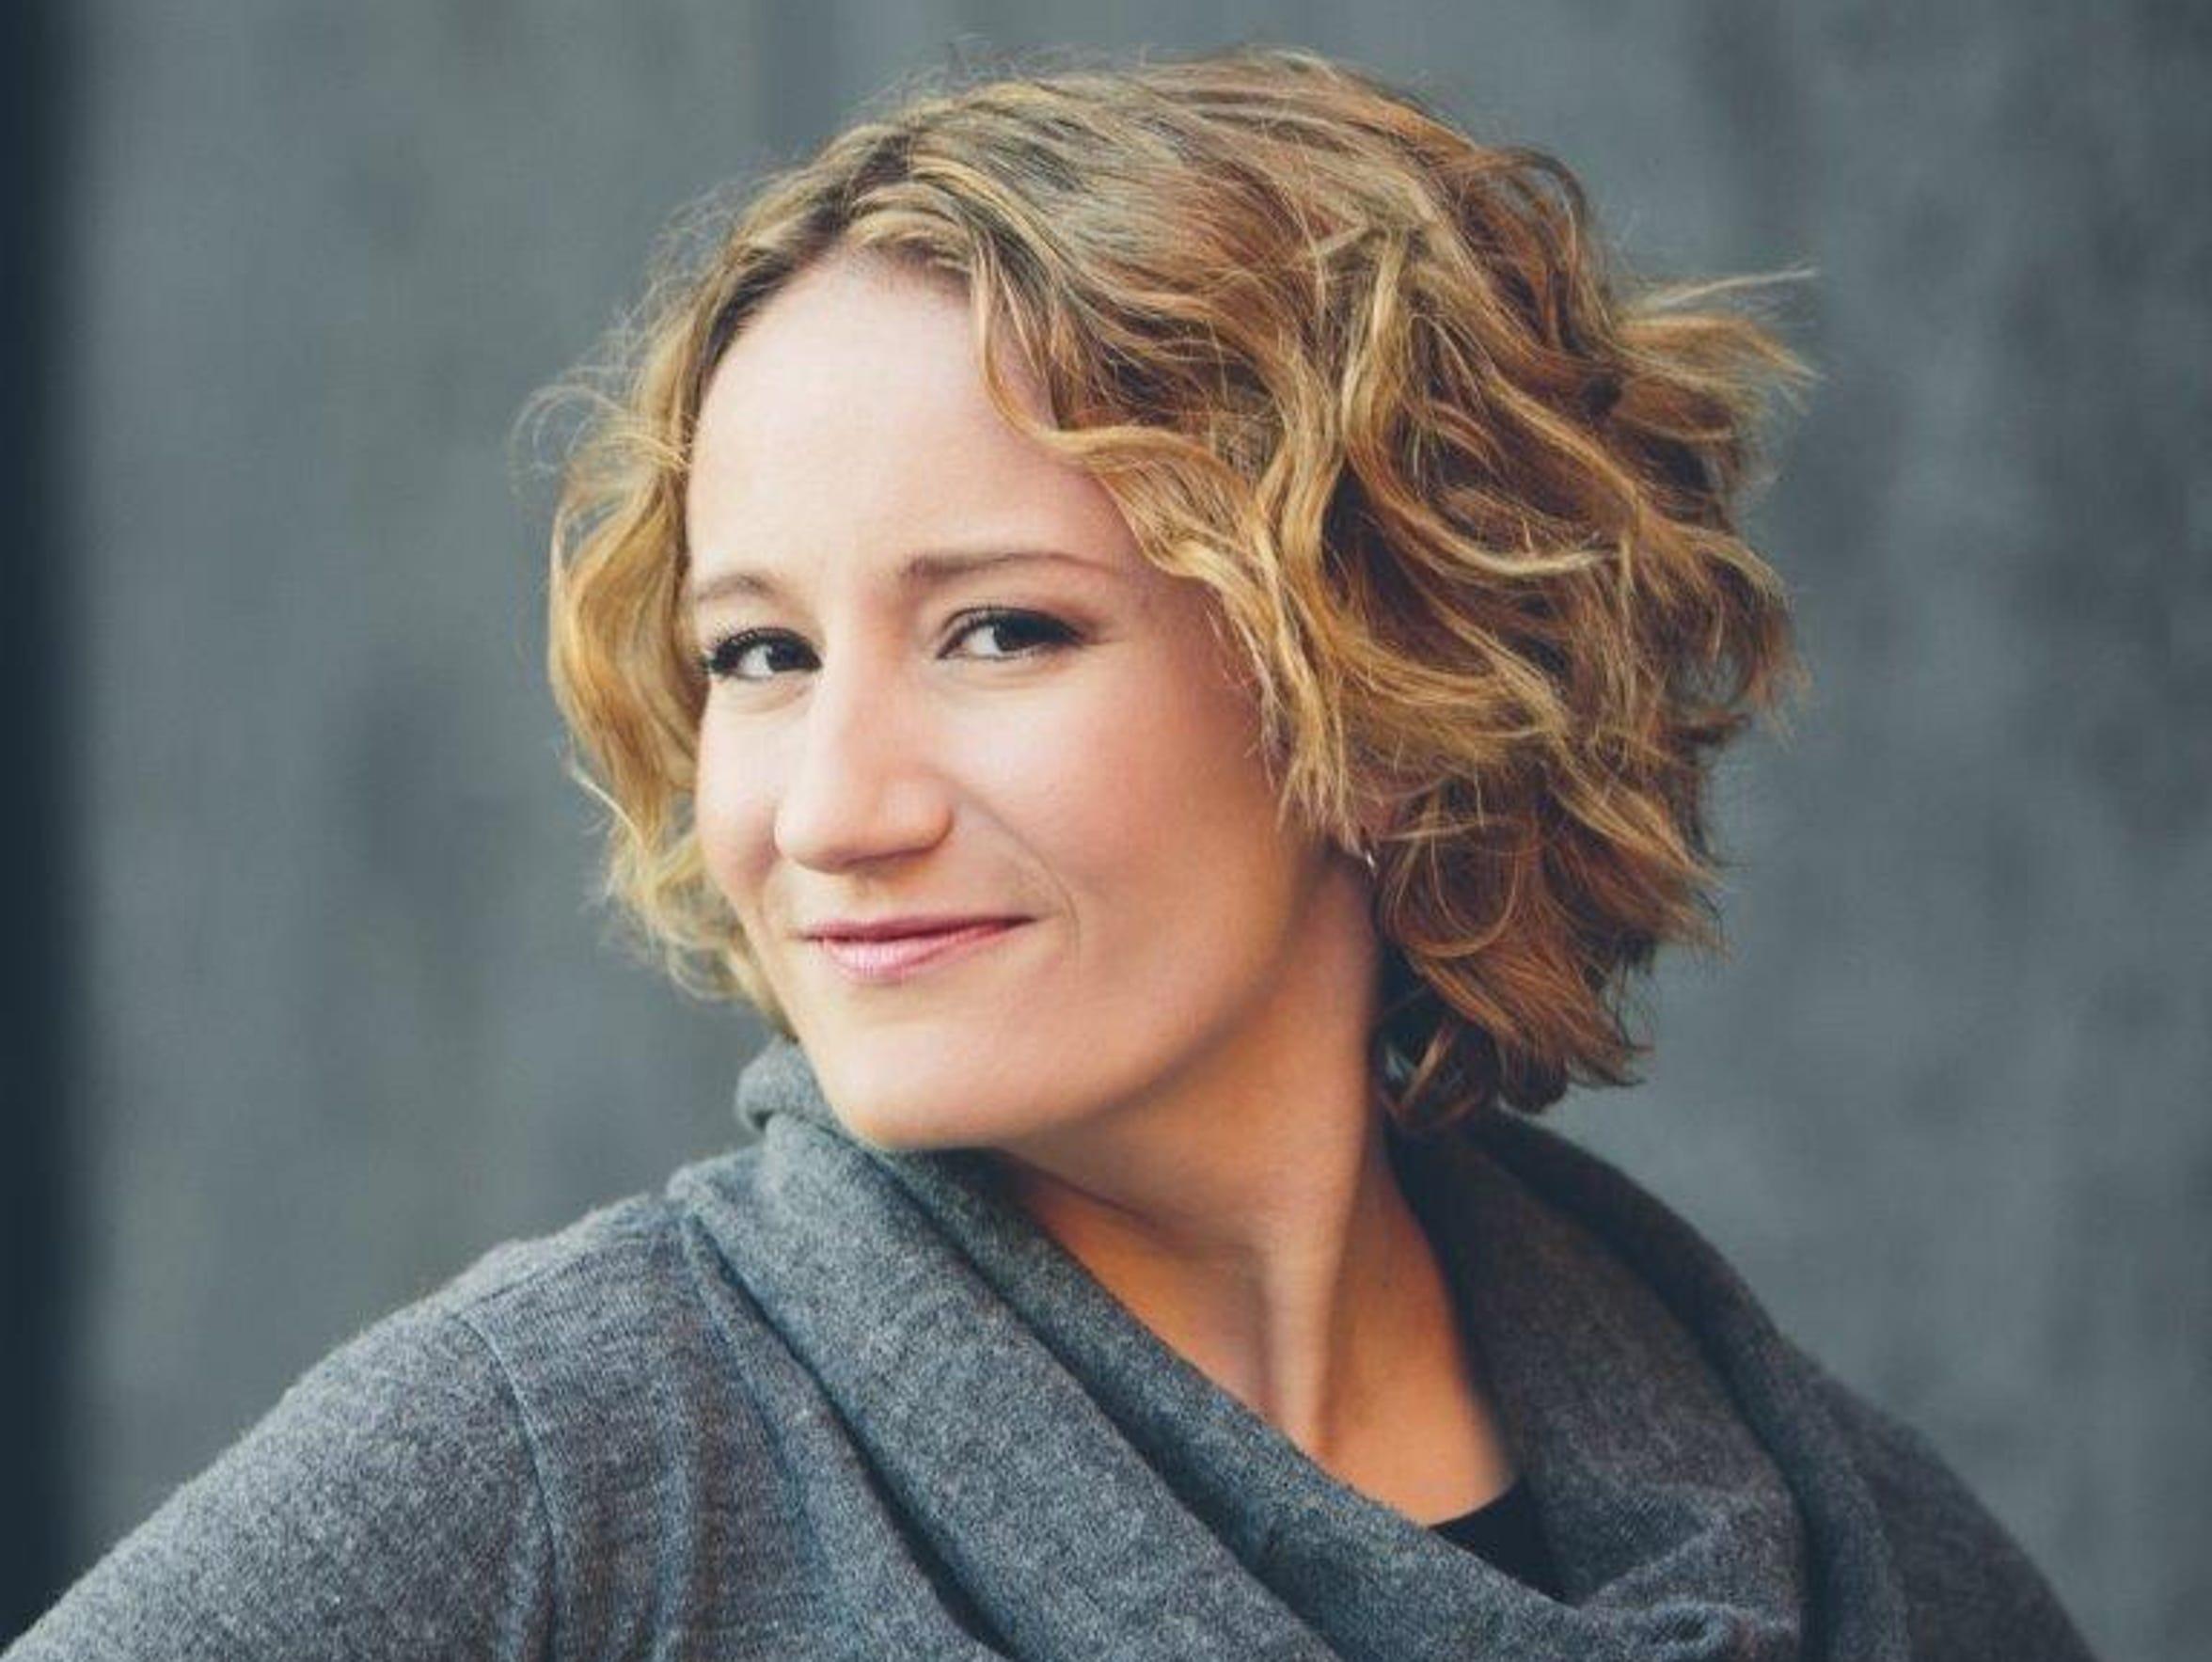 Author danah boyd